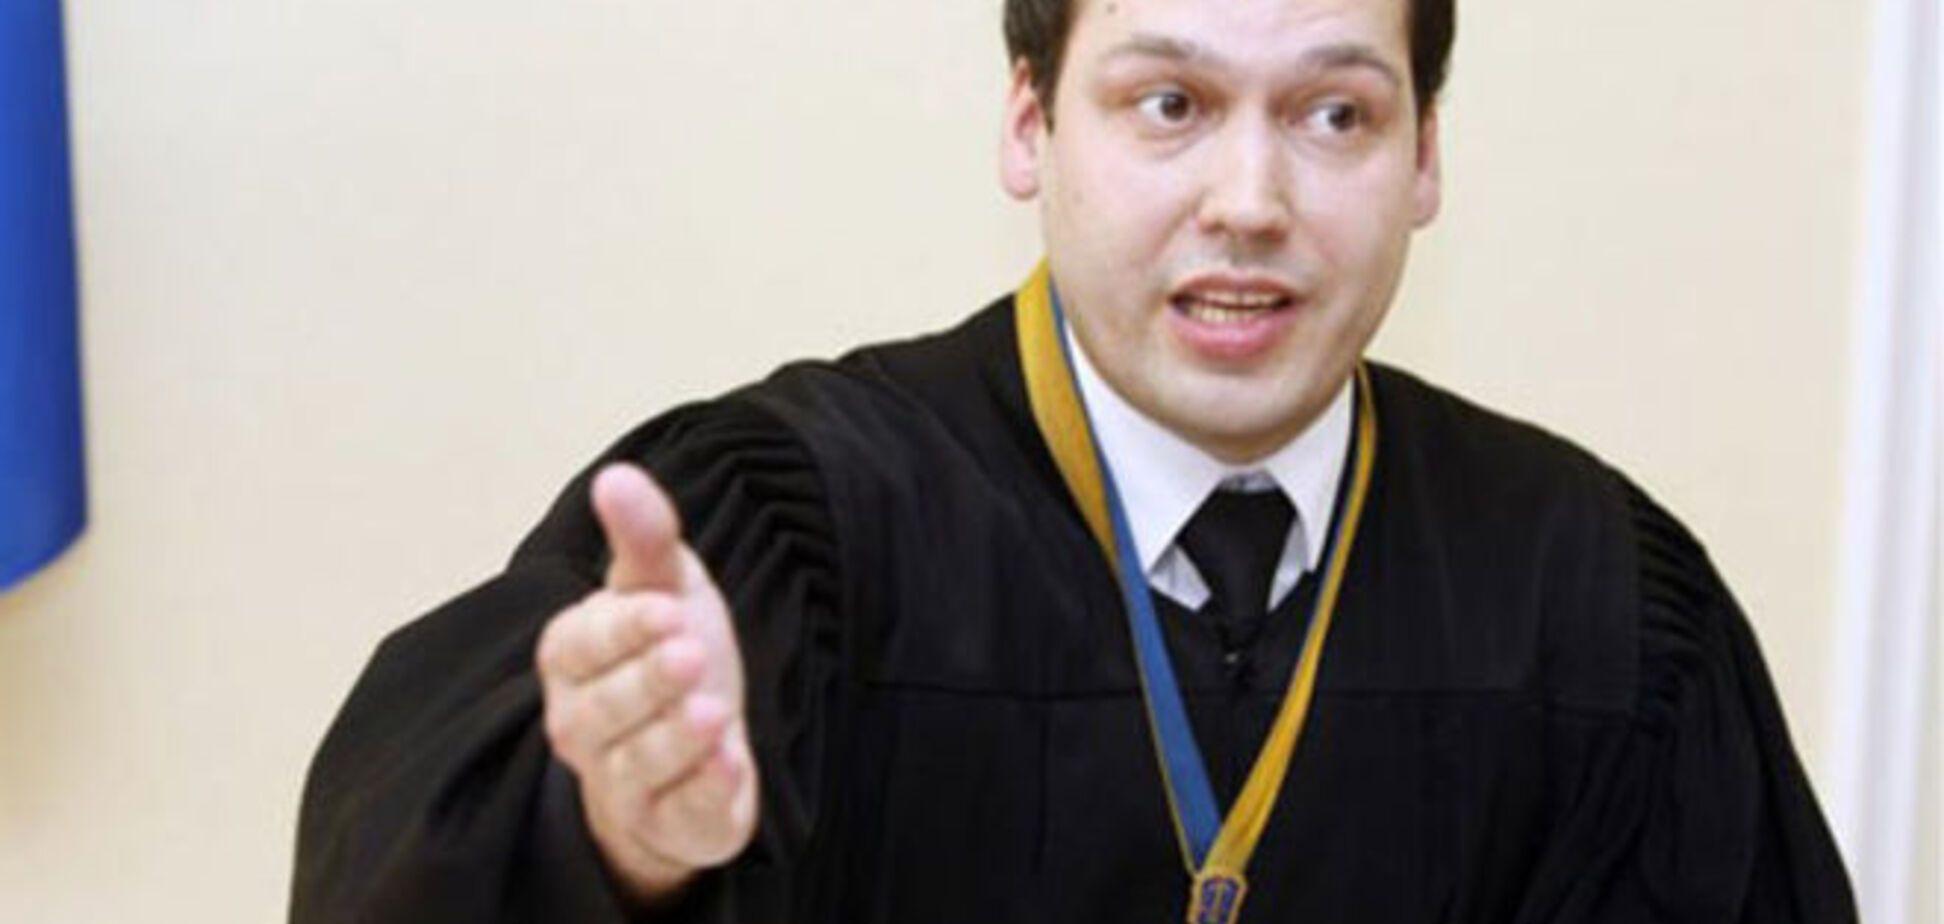 Одиозному судье Вовку грозит до 8 лет тюрьмы